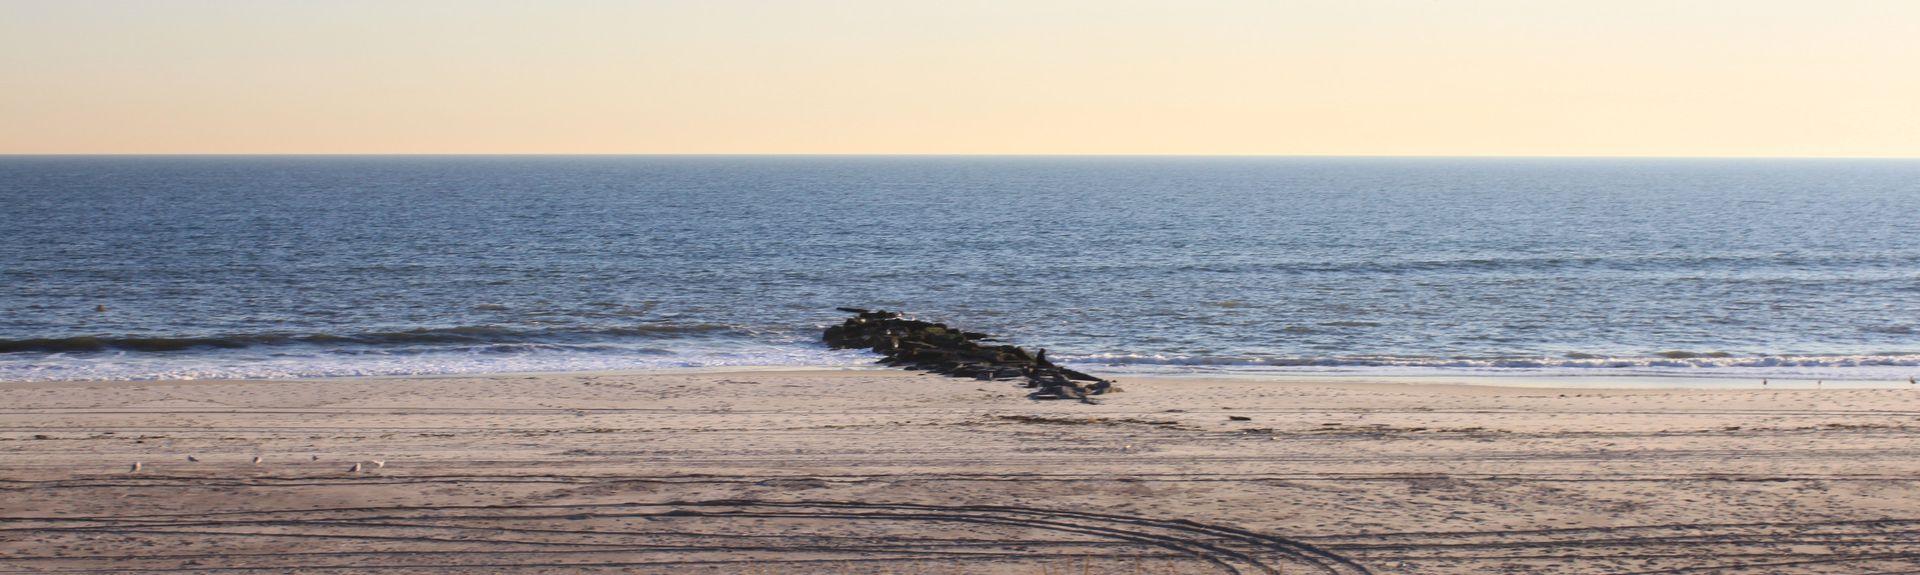 Tobay Beach, West Babylon, NY, USA